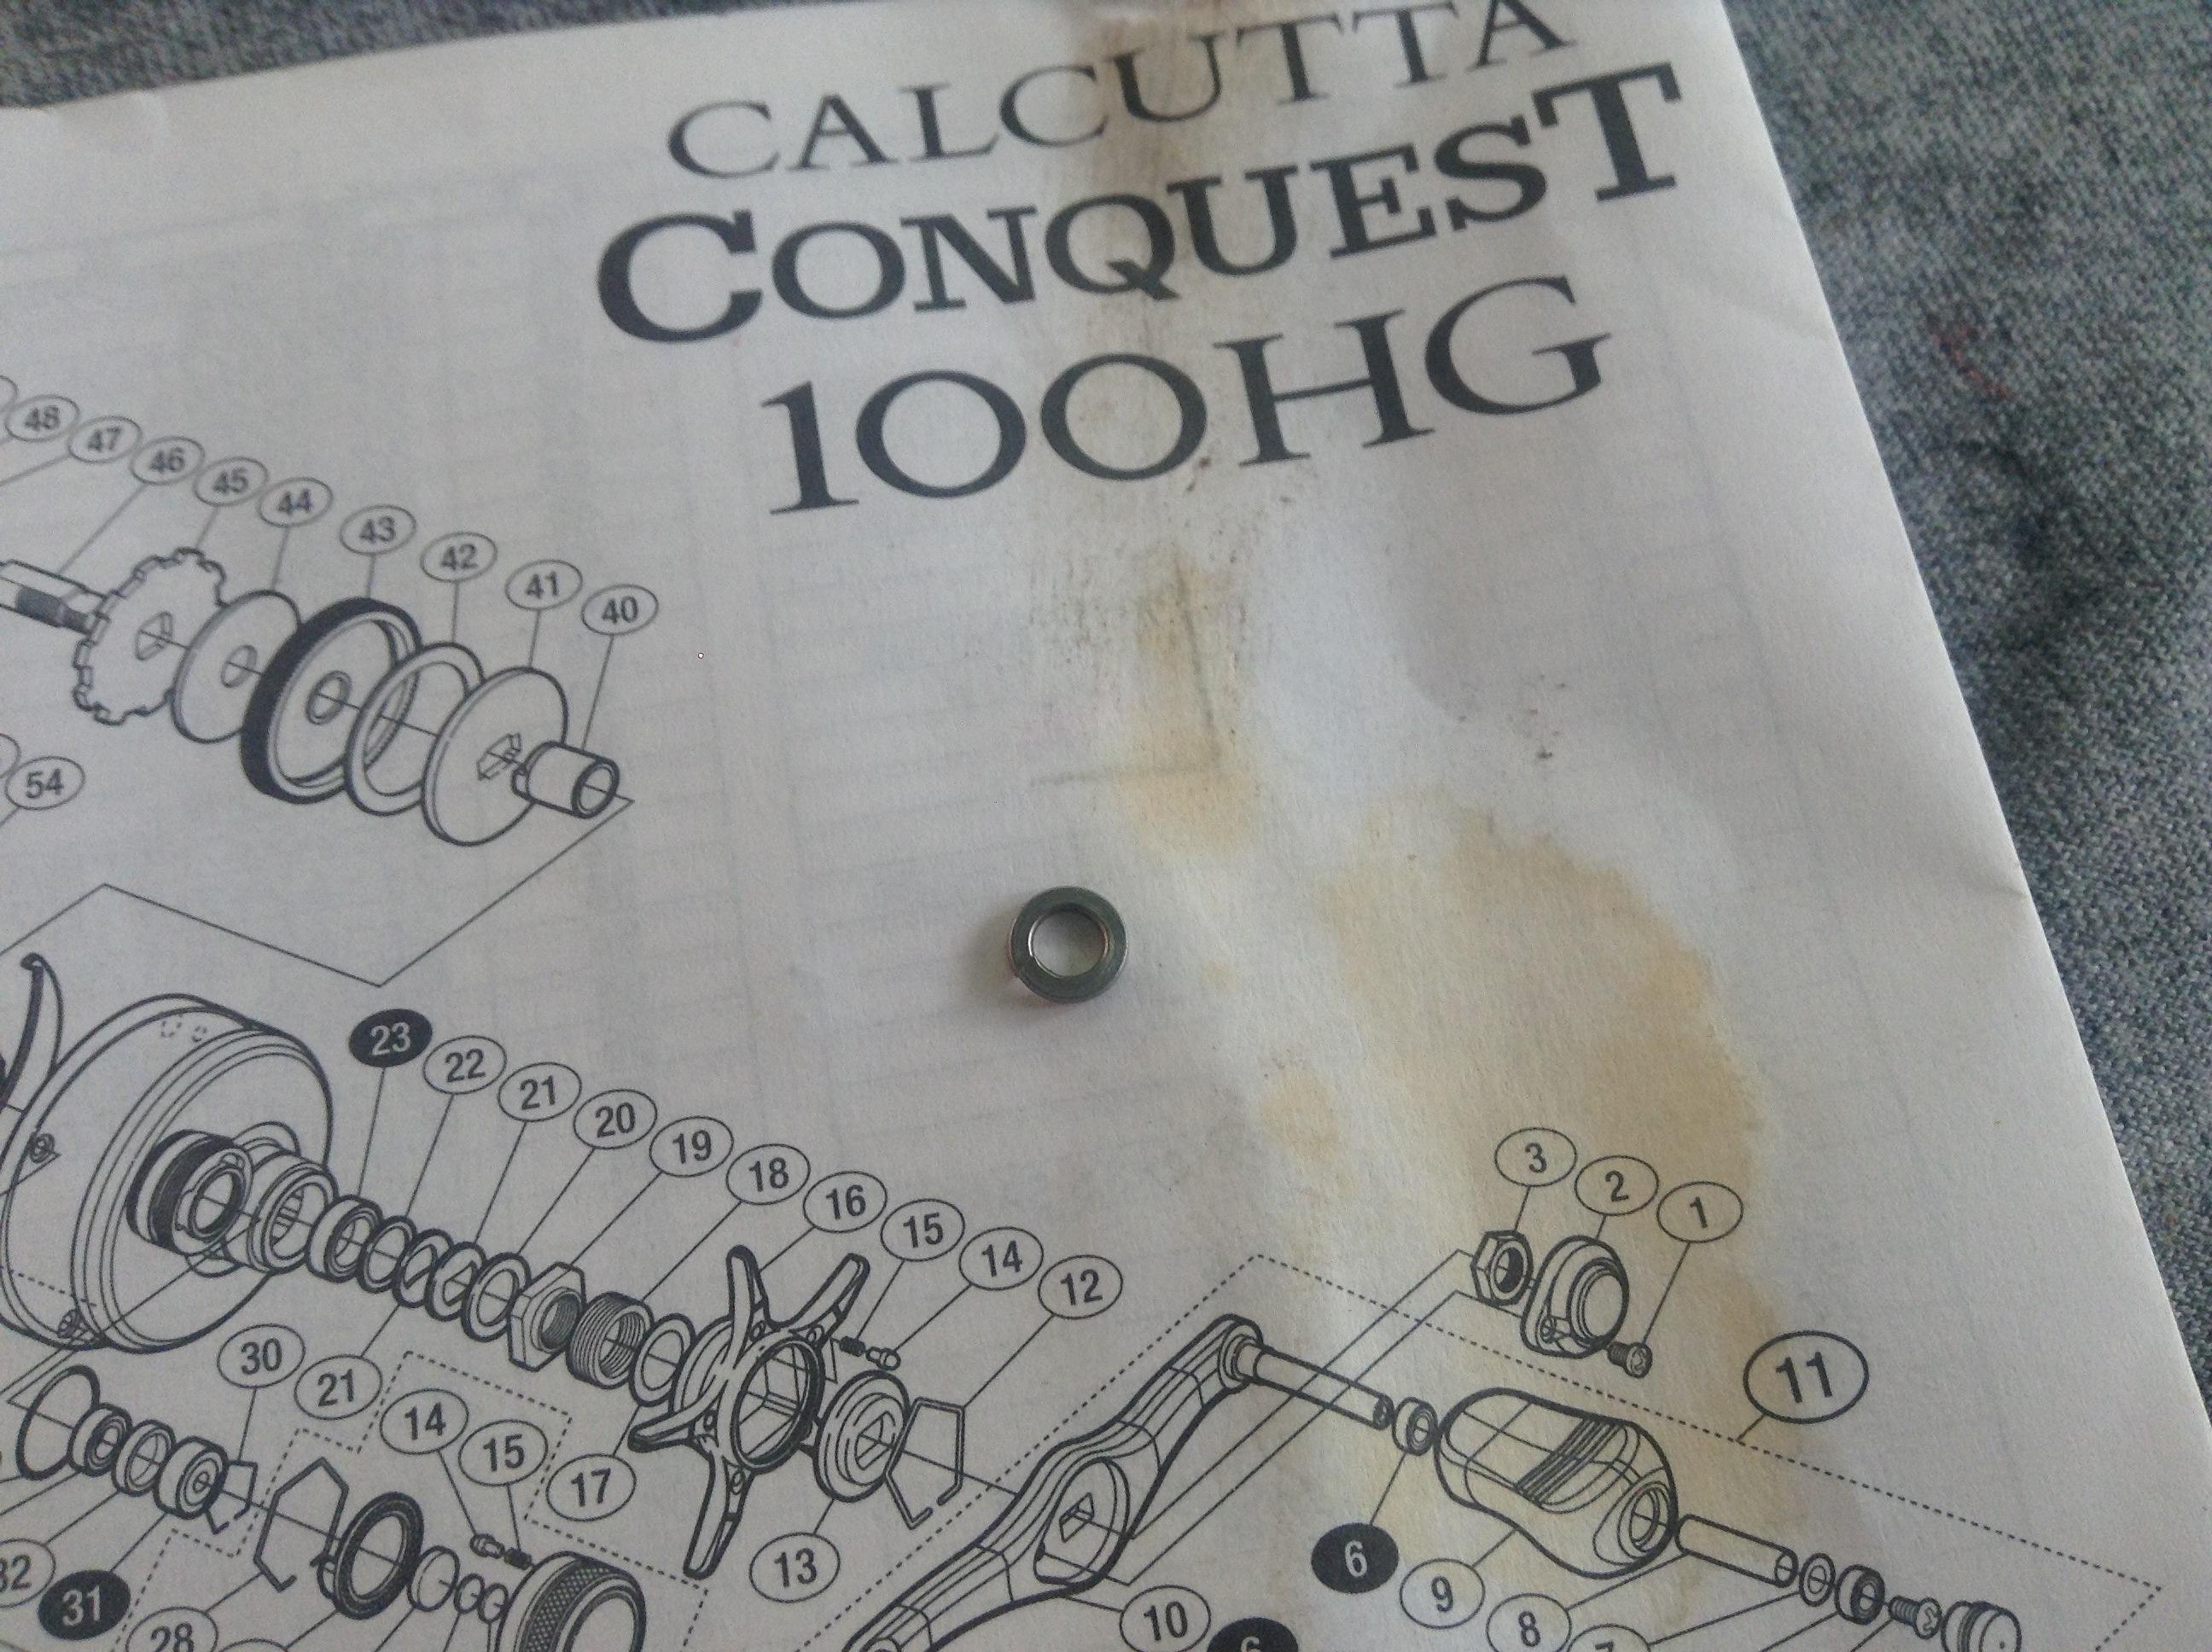 แหวตัวนี้ของconquest 100hg ปี2014